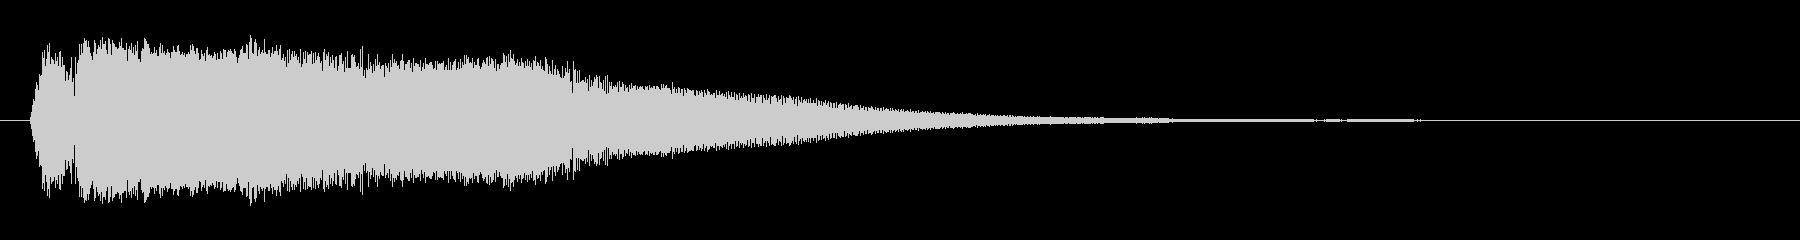 カランッ(グラスに氷を入れる効果音)の未再生の波形